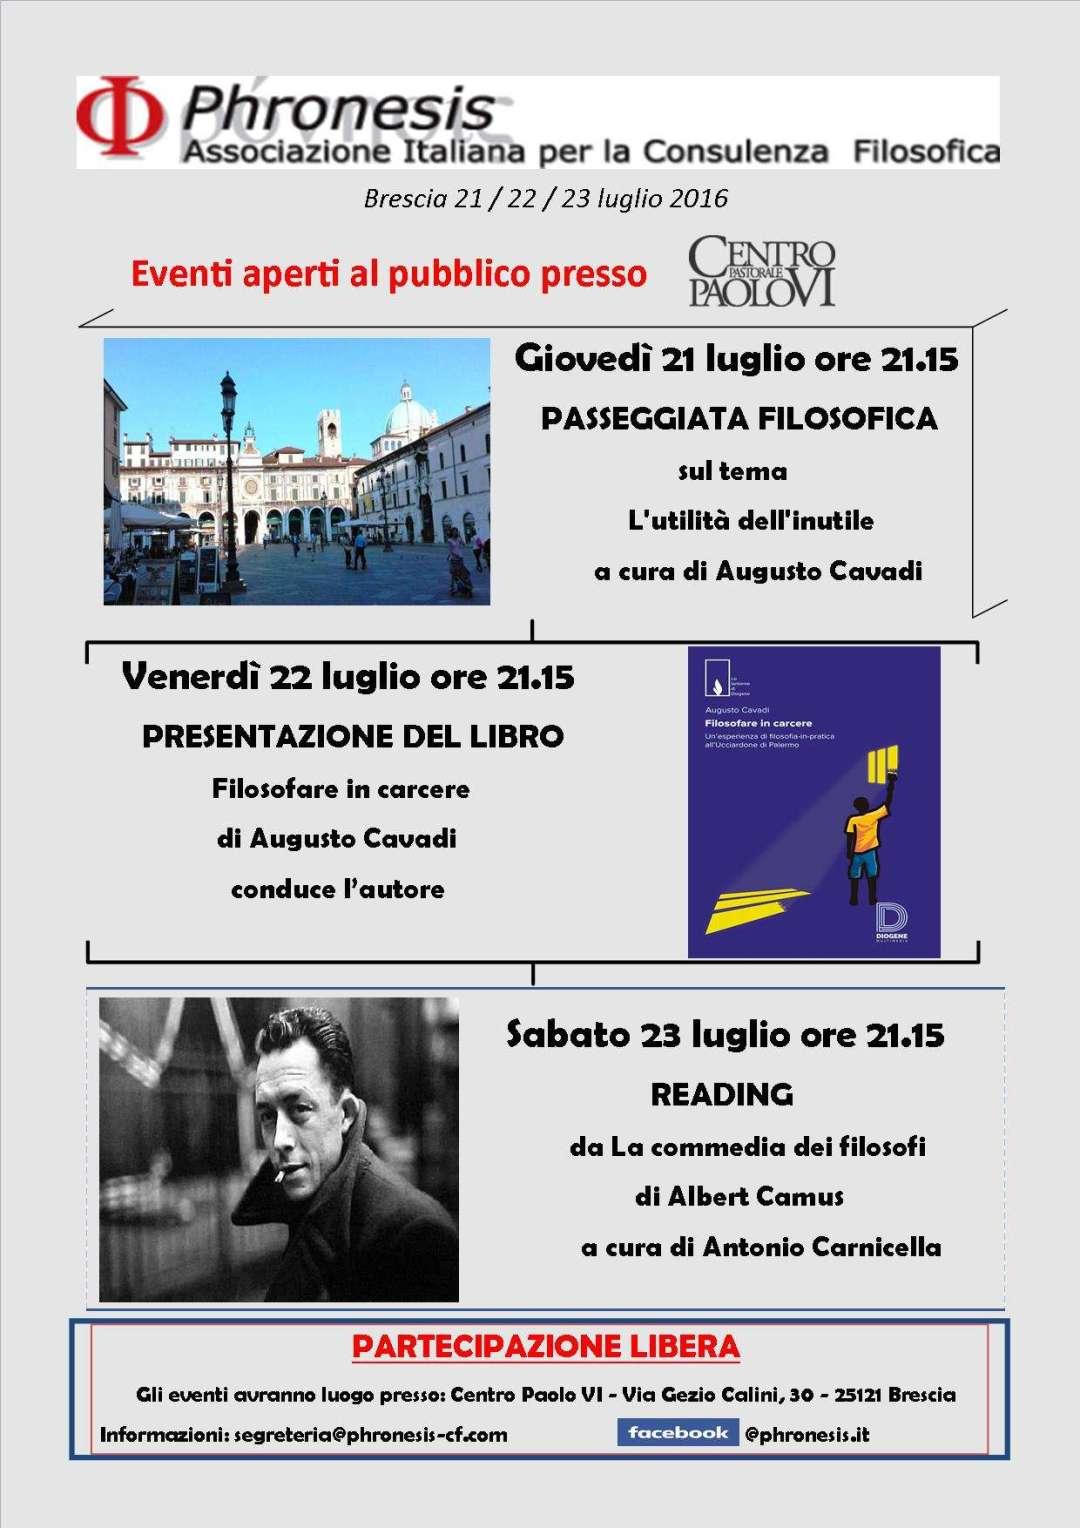 Brescia 2016 phronesis